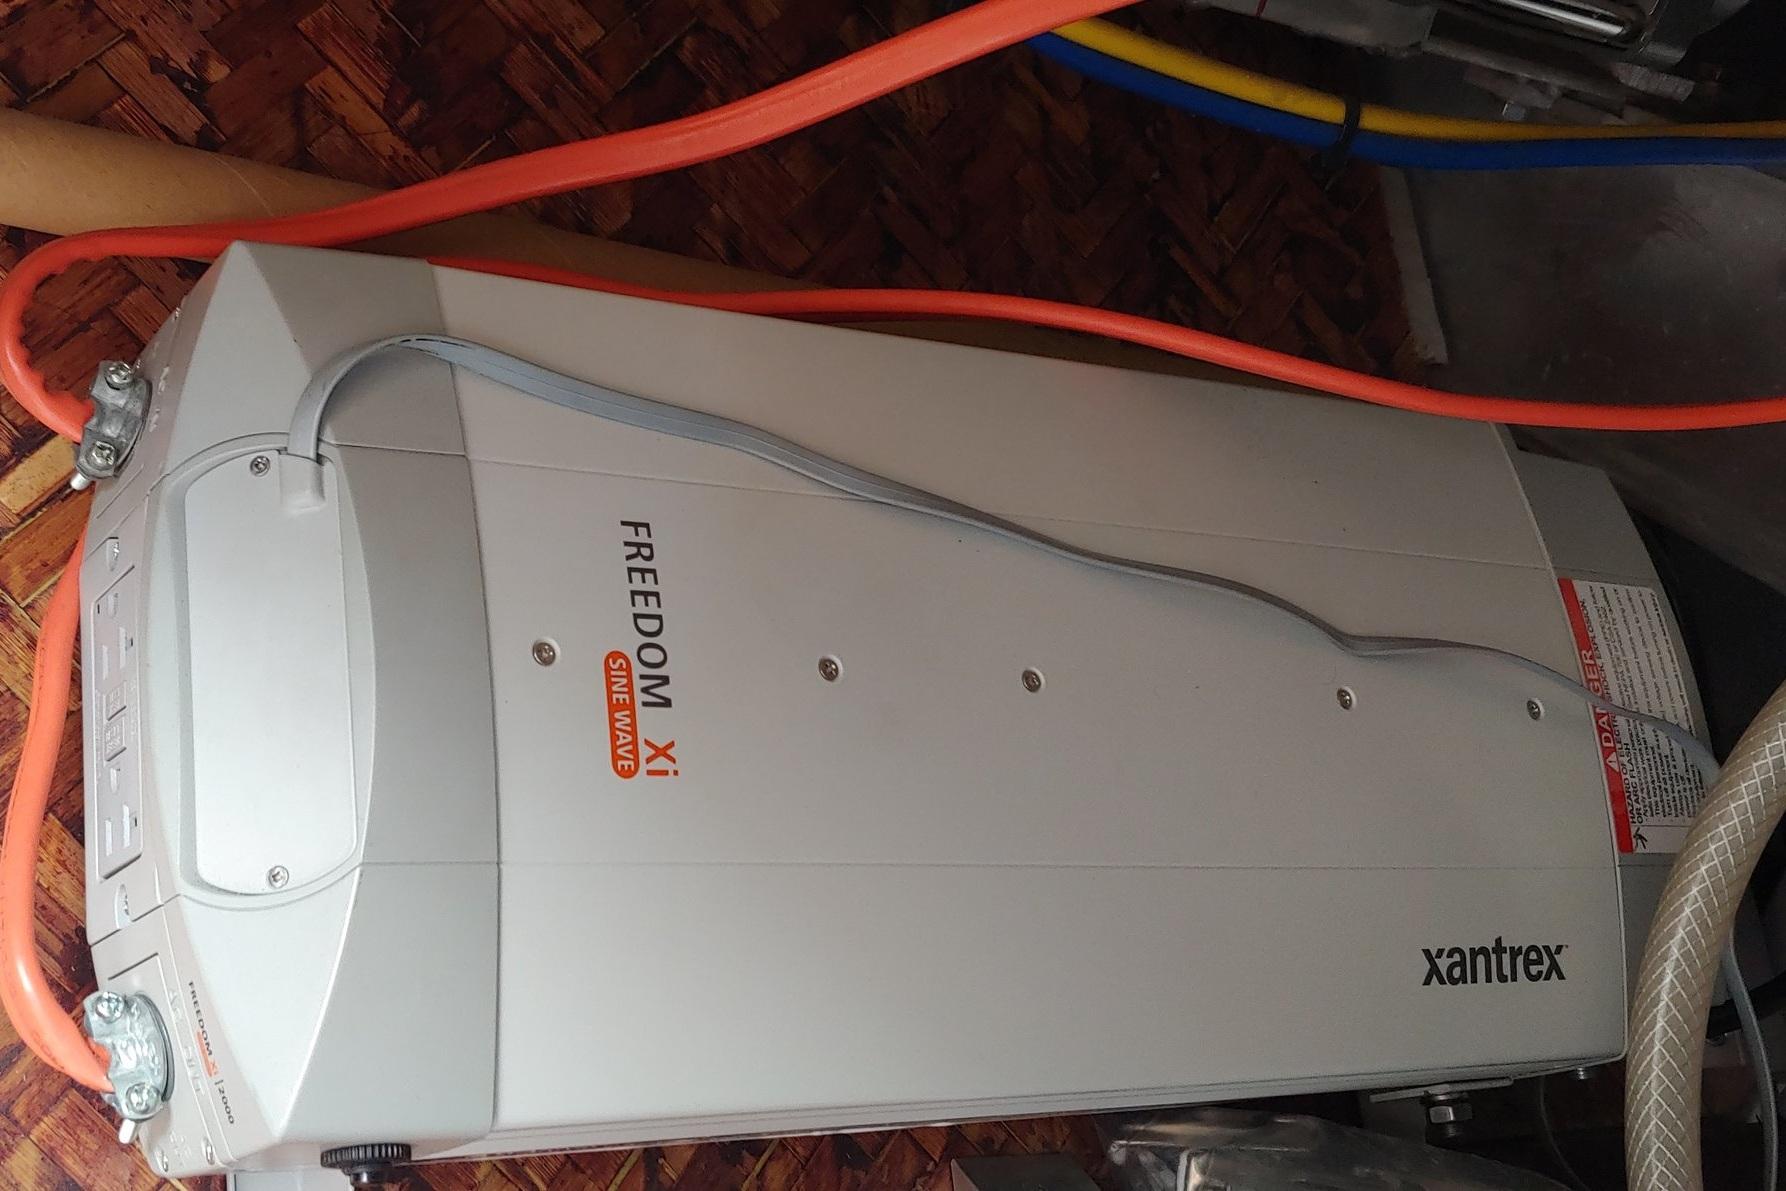 Upsized inverter